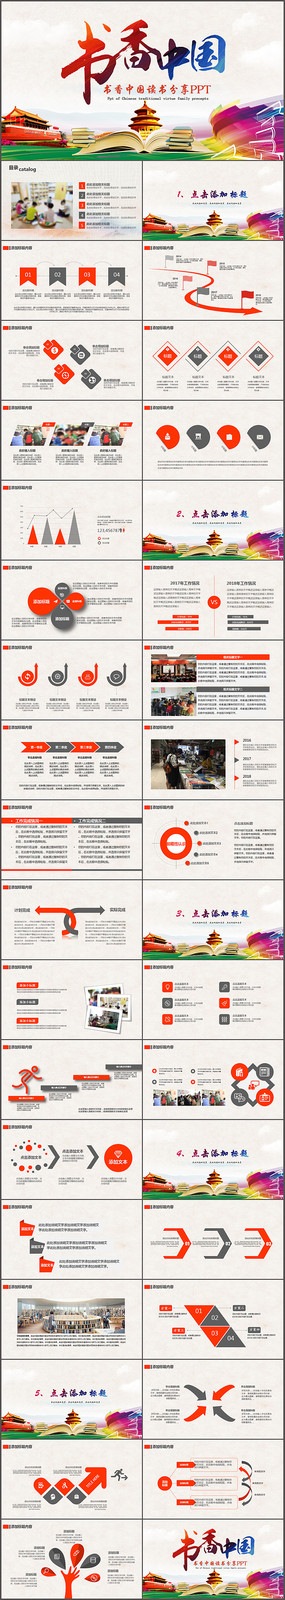 书香中国读书分享PPT